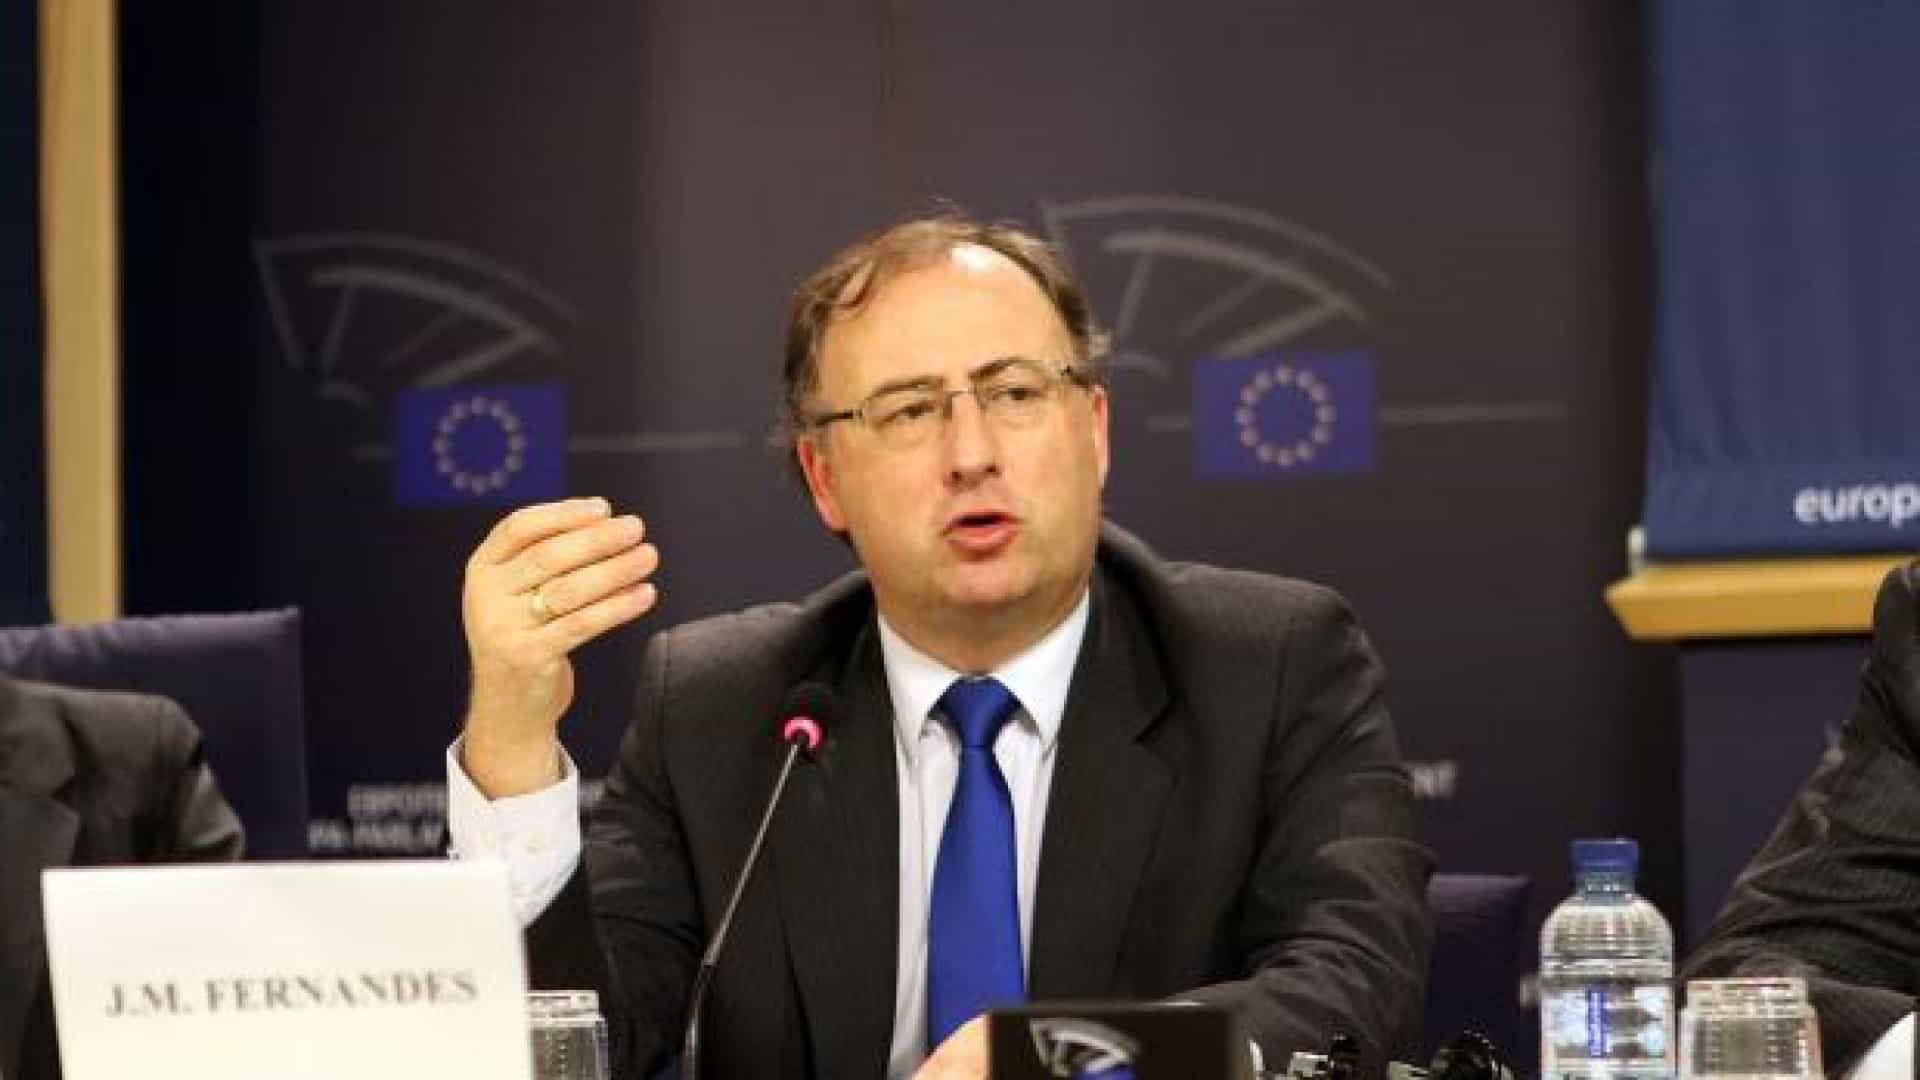 EUROPA – José Manuel Fernandes eleito Presidente da Delegação UE-Brasil